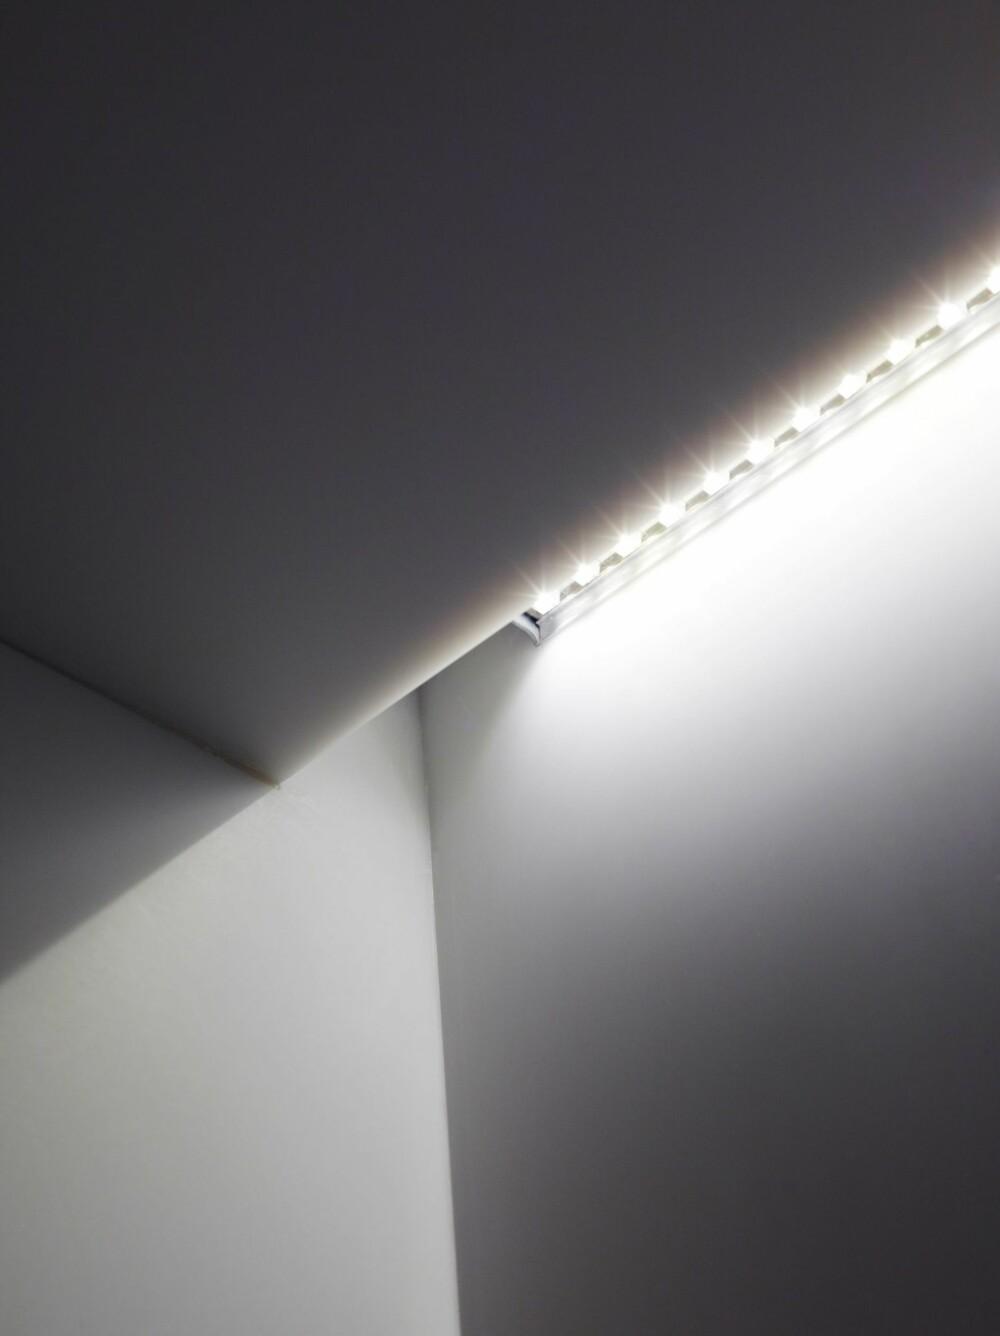 GOD BELYSNING: Dette 3,5 kvm store rommet er uten vinduer. God belysning er desto viktigere. Ledlisten som er skjult oppunder overskapene sørger for gode arbeidsforhold ved benken. Prosjektet er ved arkitekt Henrik Nømm, a-tract.no.